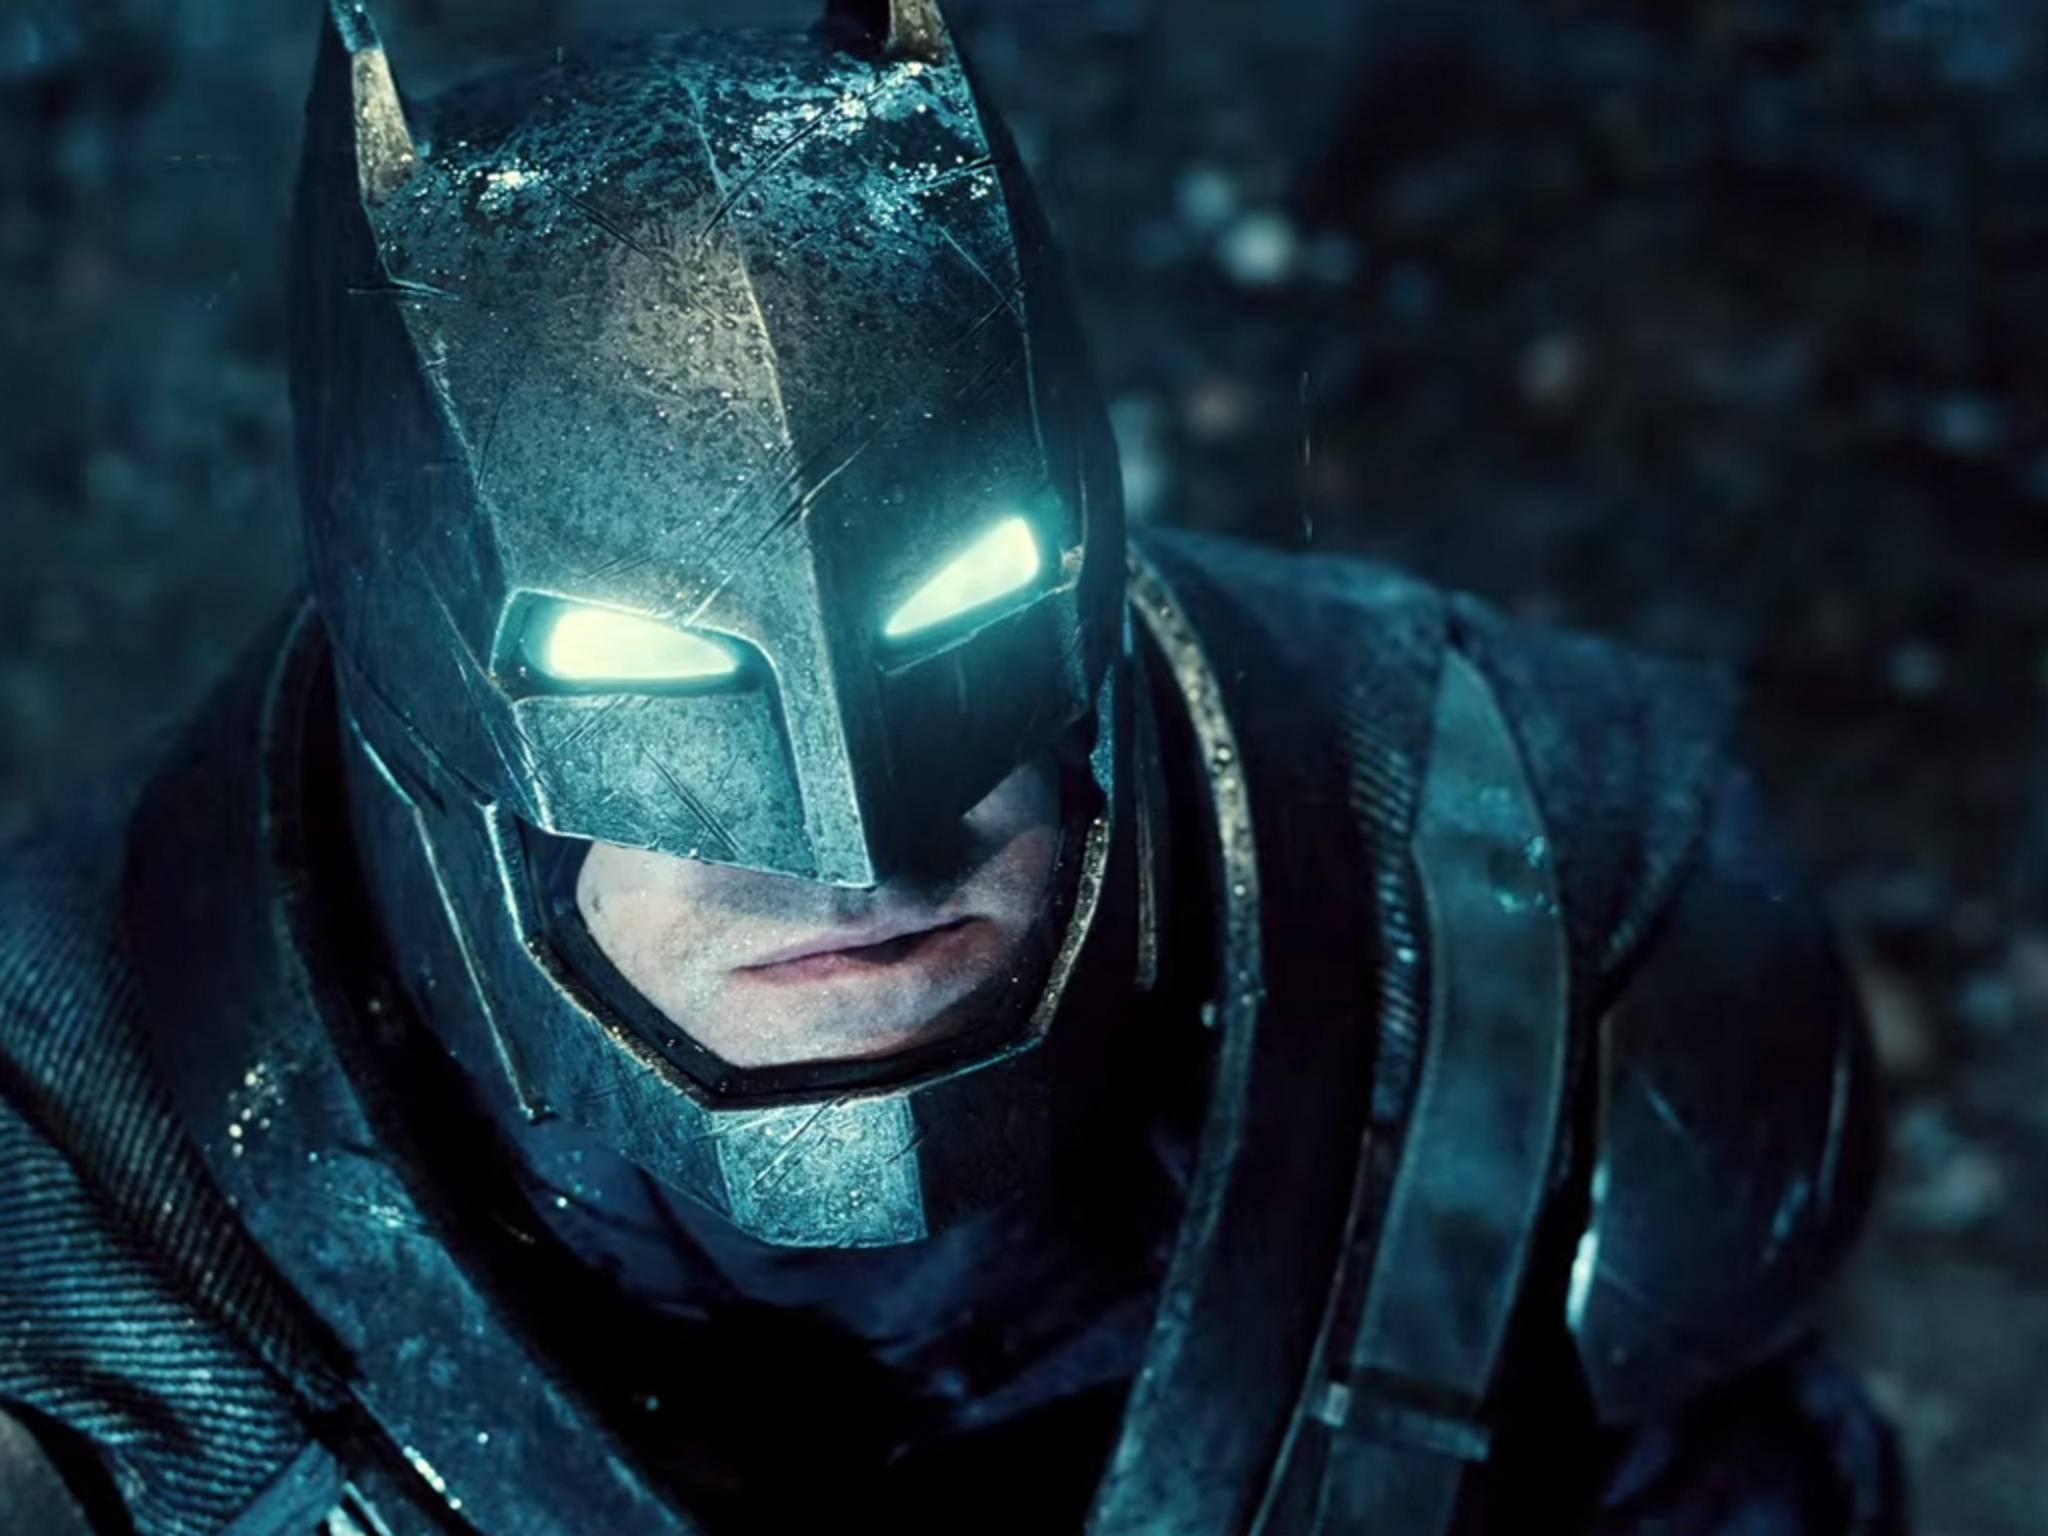 """So sah Ben Affleck als Batman in """"Batman v Superman"""" aus. In """"Justice League"""" bekommt er einen neuen, etwas weniger massiven Anzug."""